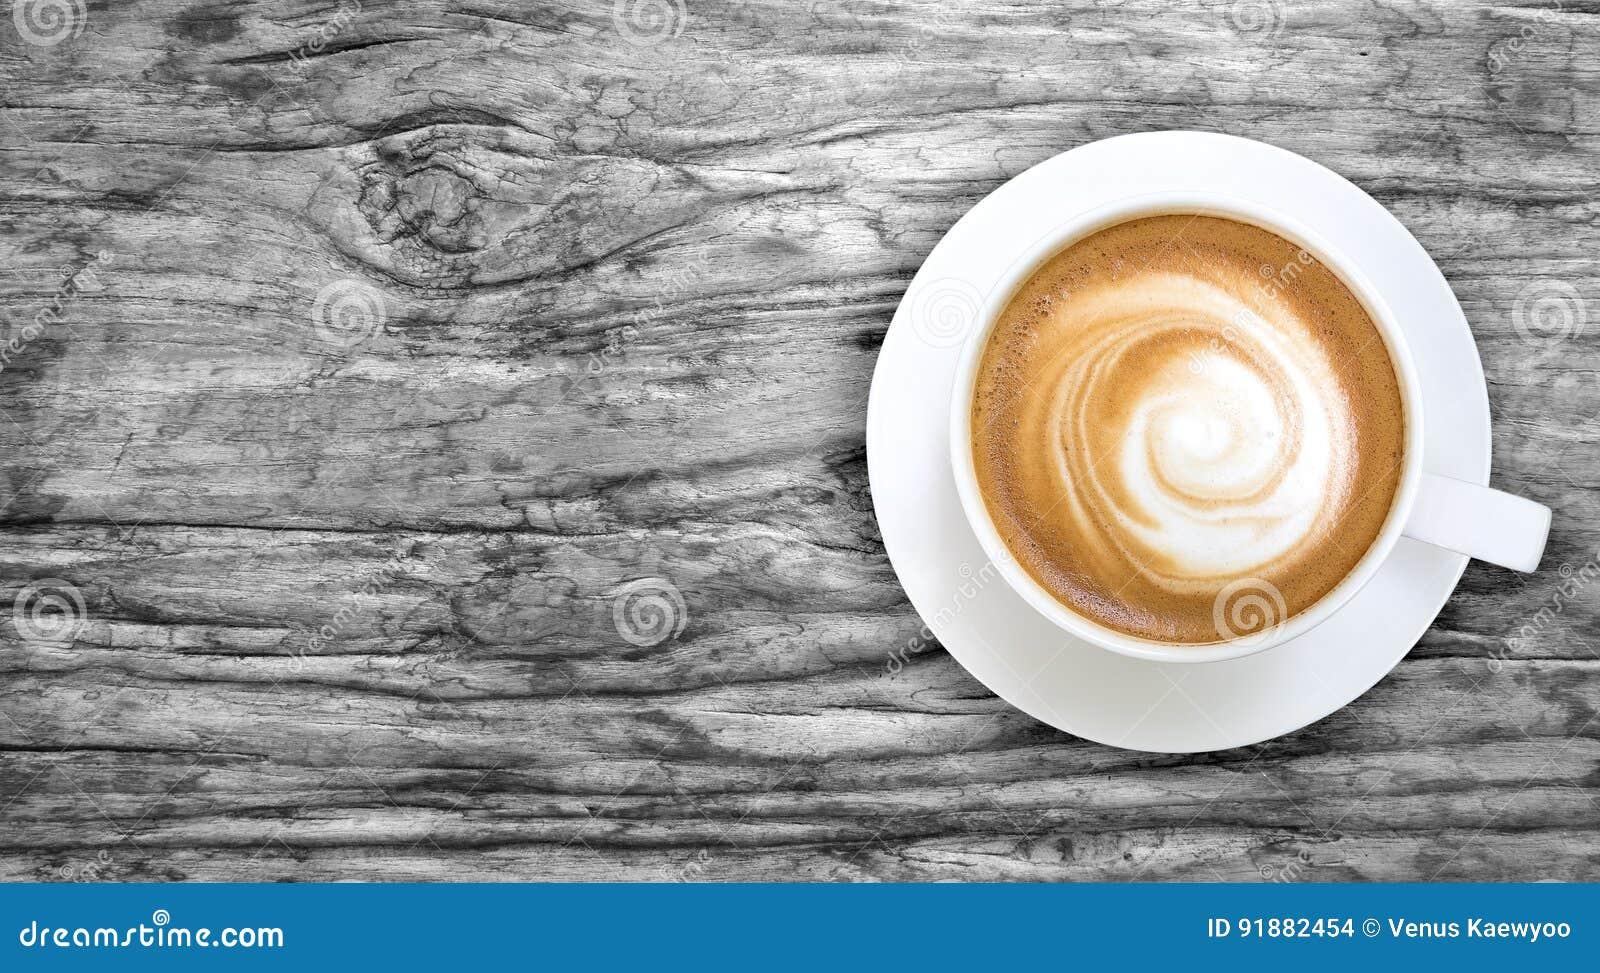 Hoogste mening van hete koffiecappuccino in een witte ceramische kop op grijs